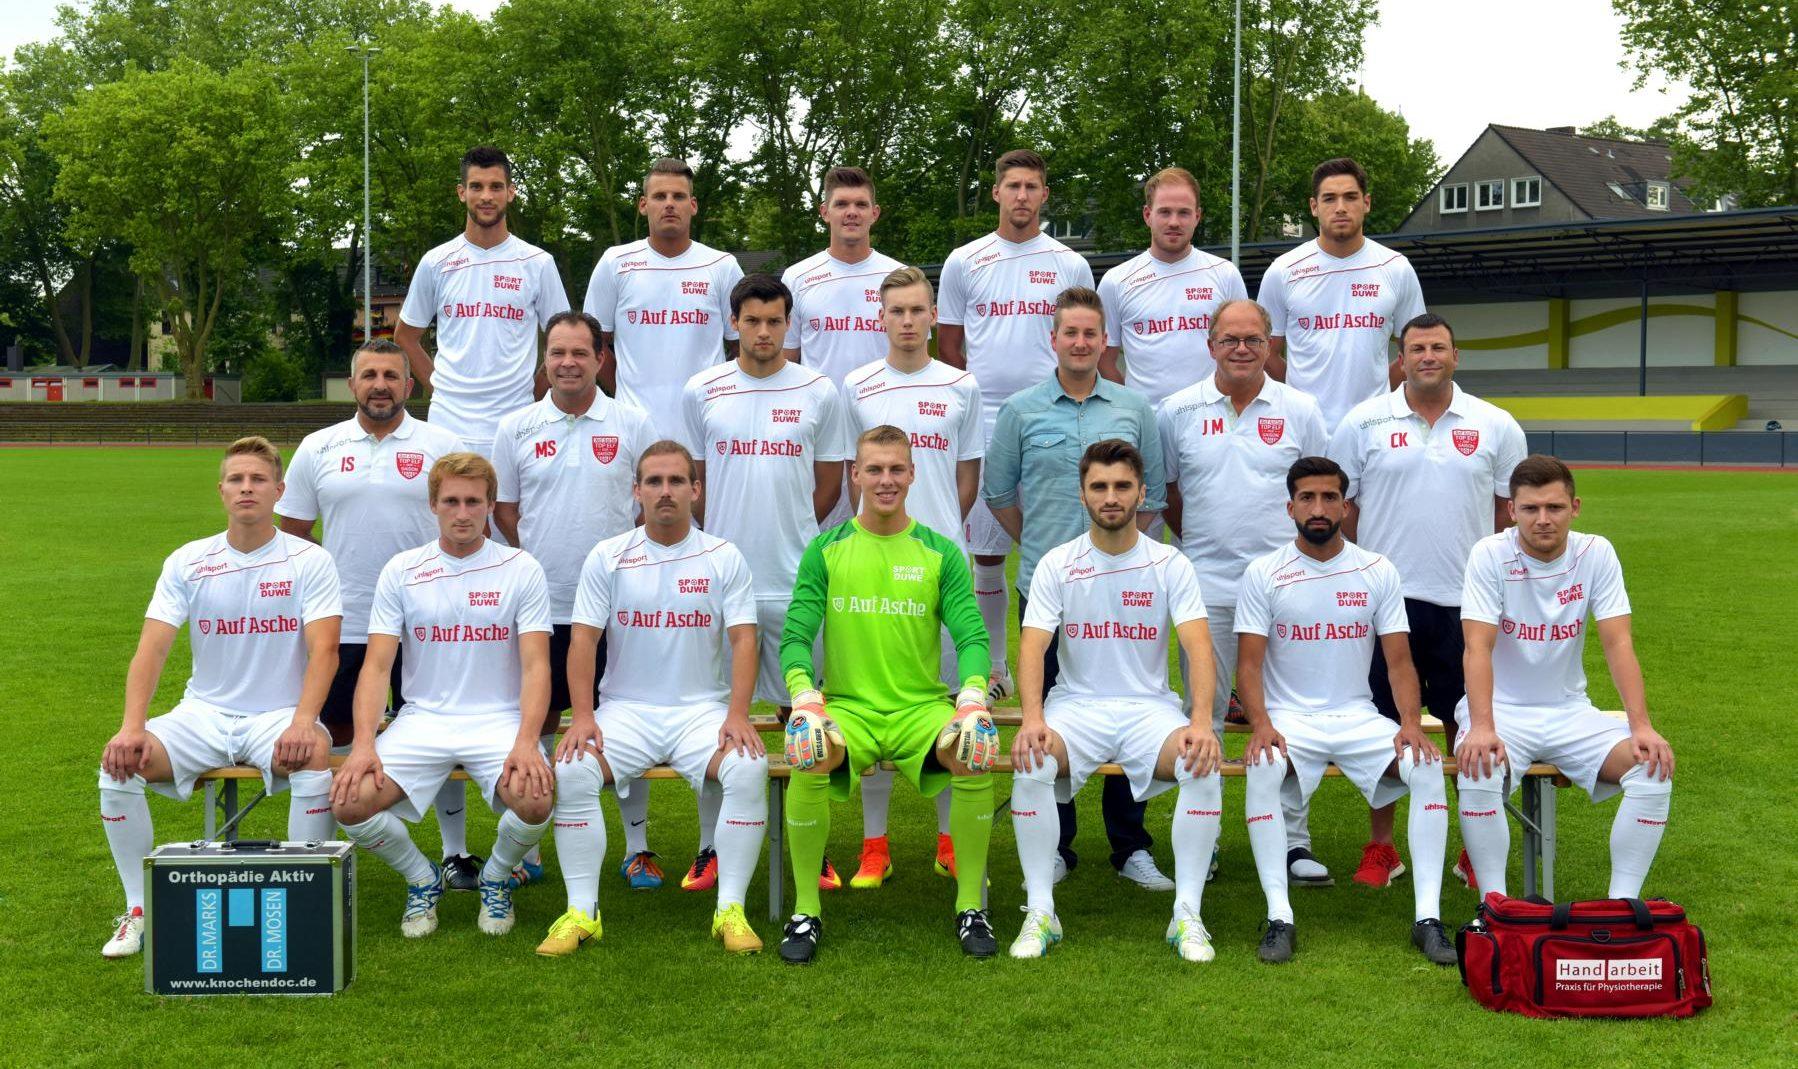 Auf Asche Top-Elf 2016: Die Auswahl der besten Essener Amateurfußballer fordert Rot-Weiss Essen heraus.